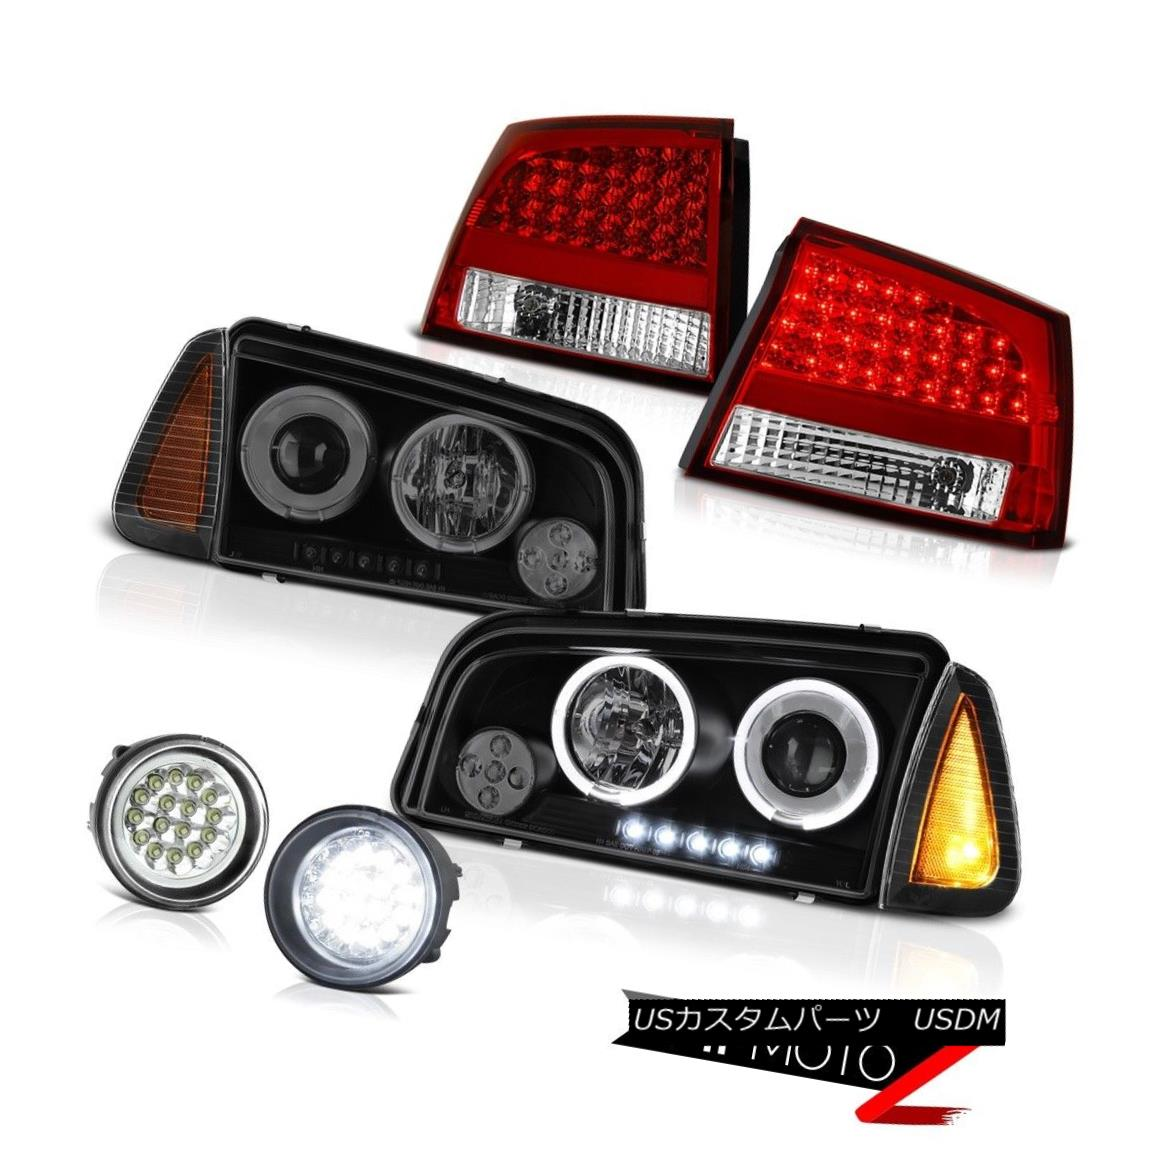 テールライト 06-08 Dodge Charger 3.5L Fog lights red clear tail brake corner lamp Headlamps 06-08ダッジチャージャー3.5Lフォグライトレッドクリアテールブレーキコーナーランプヘッドランプ